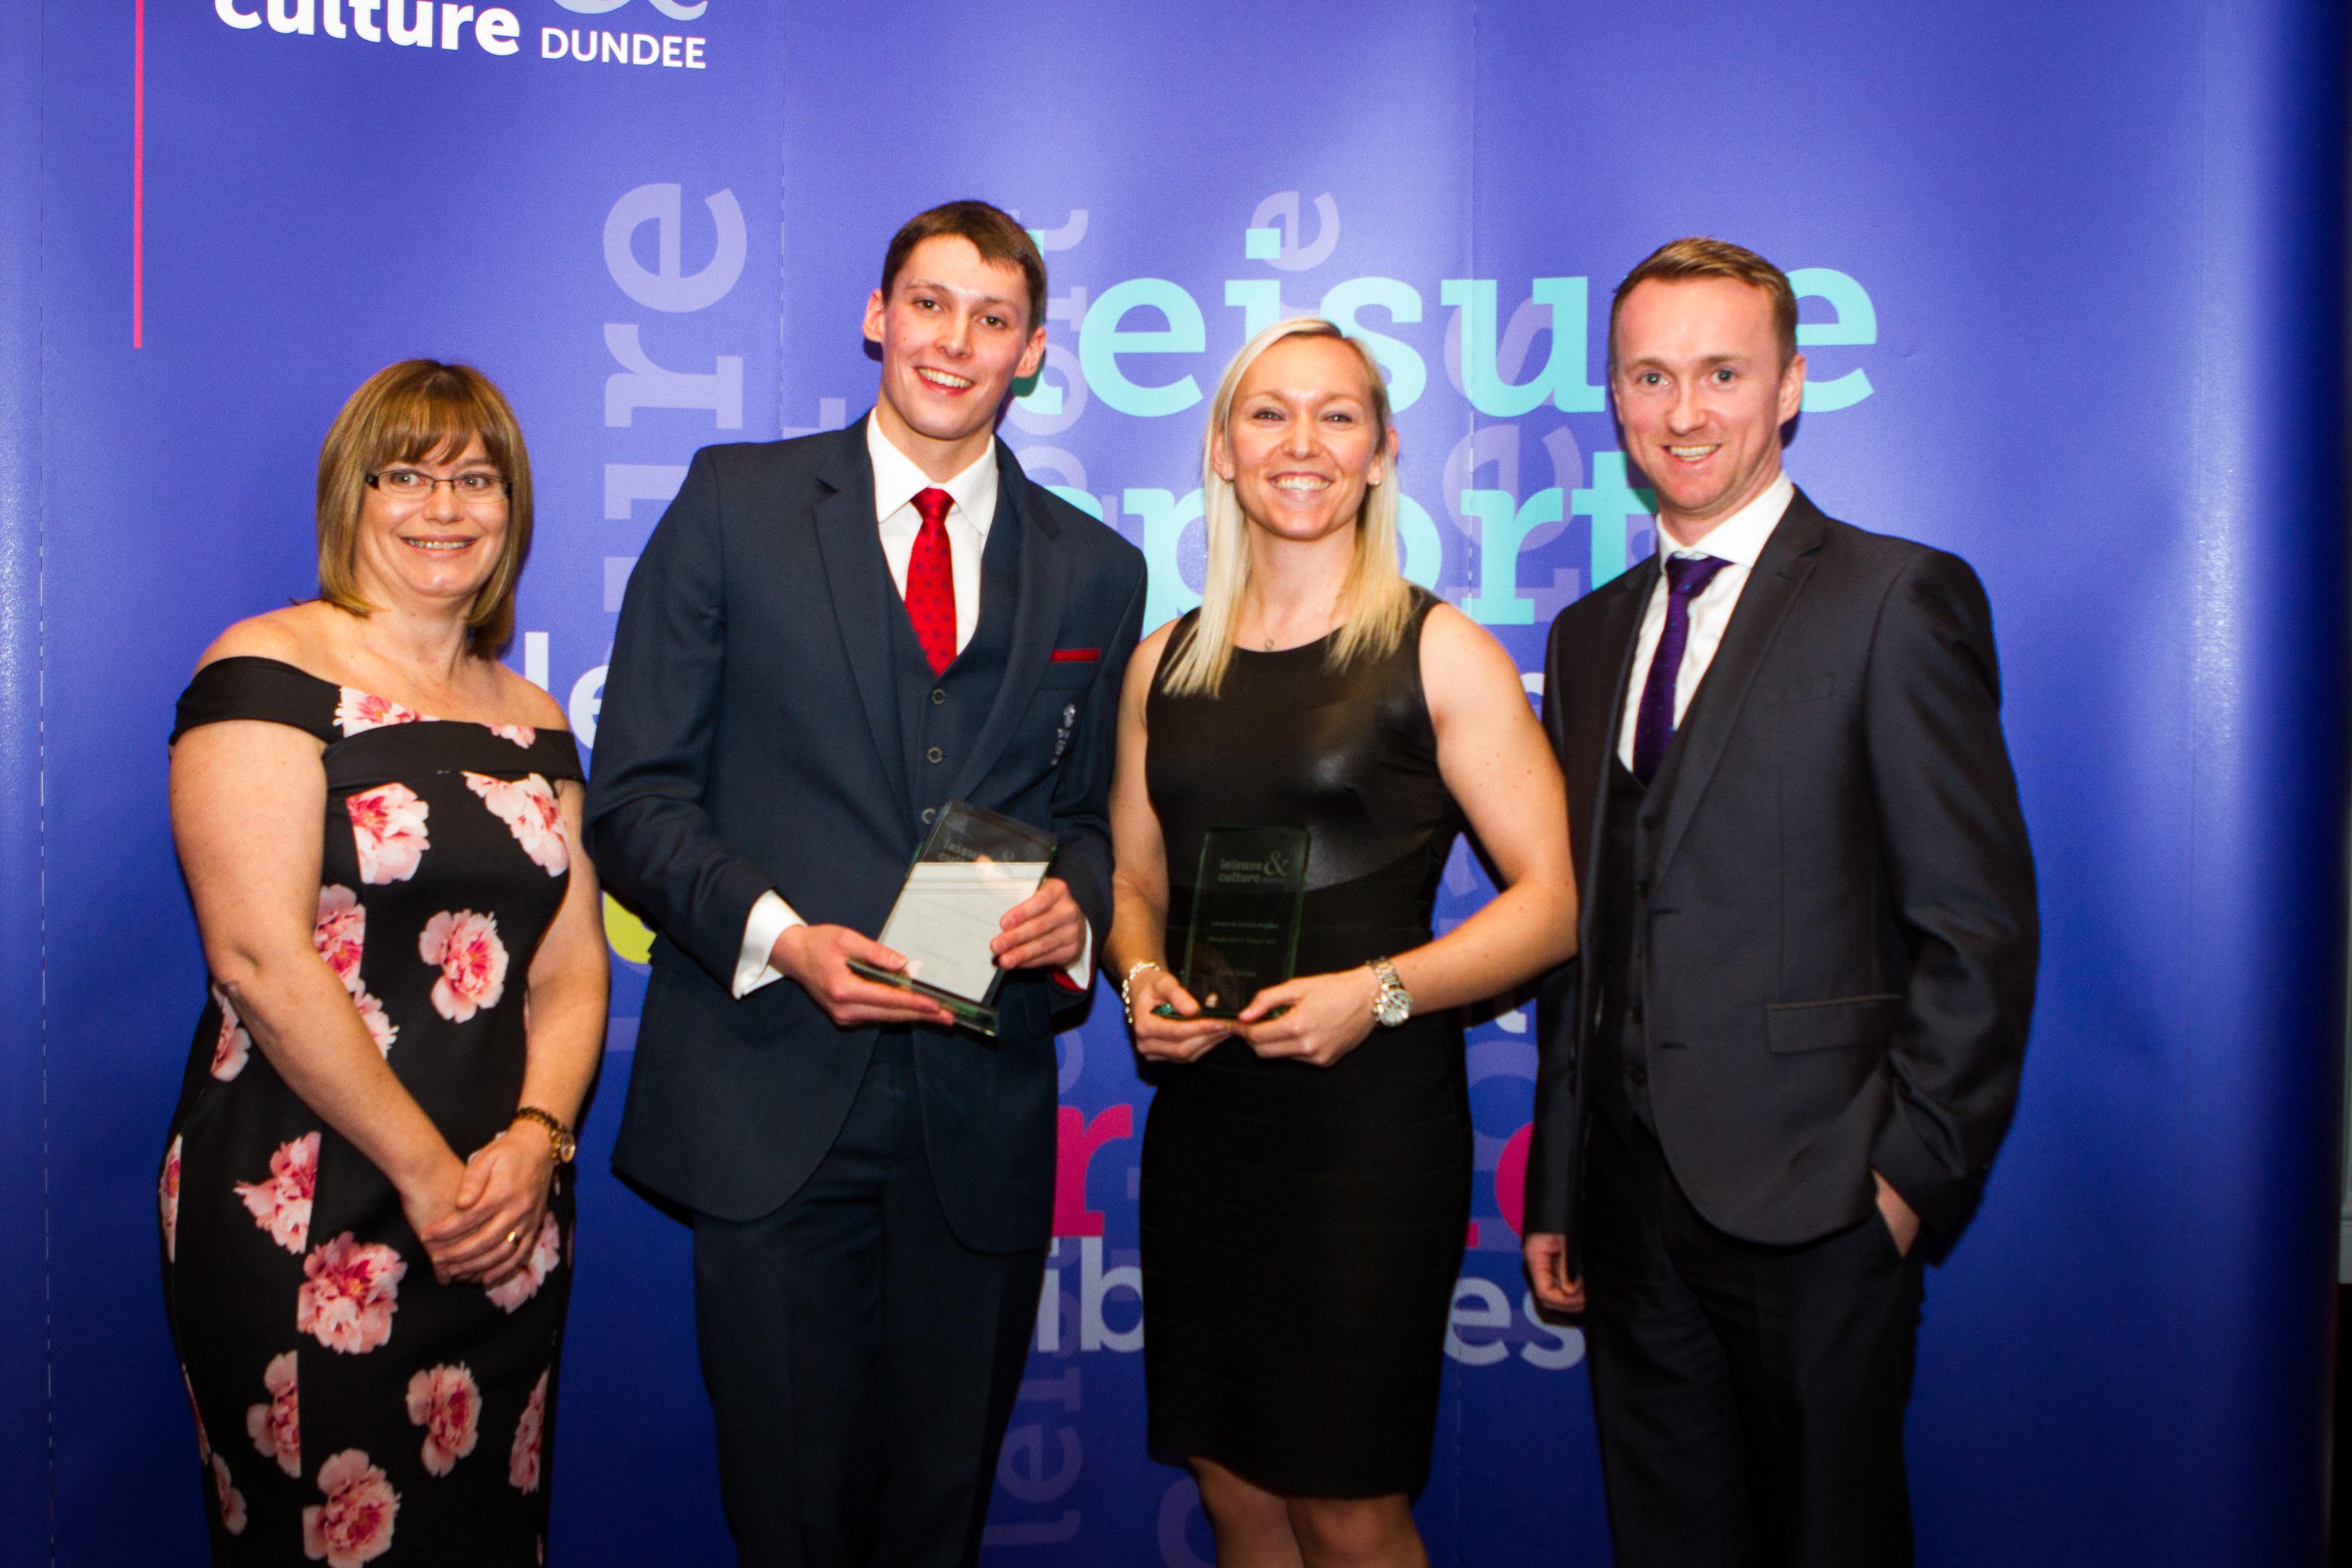 Susan Melville (Leisure & Culture Dundee), Stephen Milne (Olympian), Sarah Wilson (Olympian) and John McCafferty (Leisure & Culture Dundee).